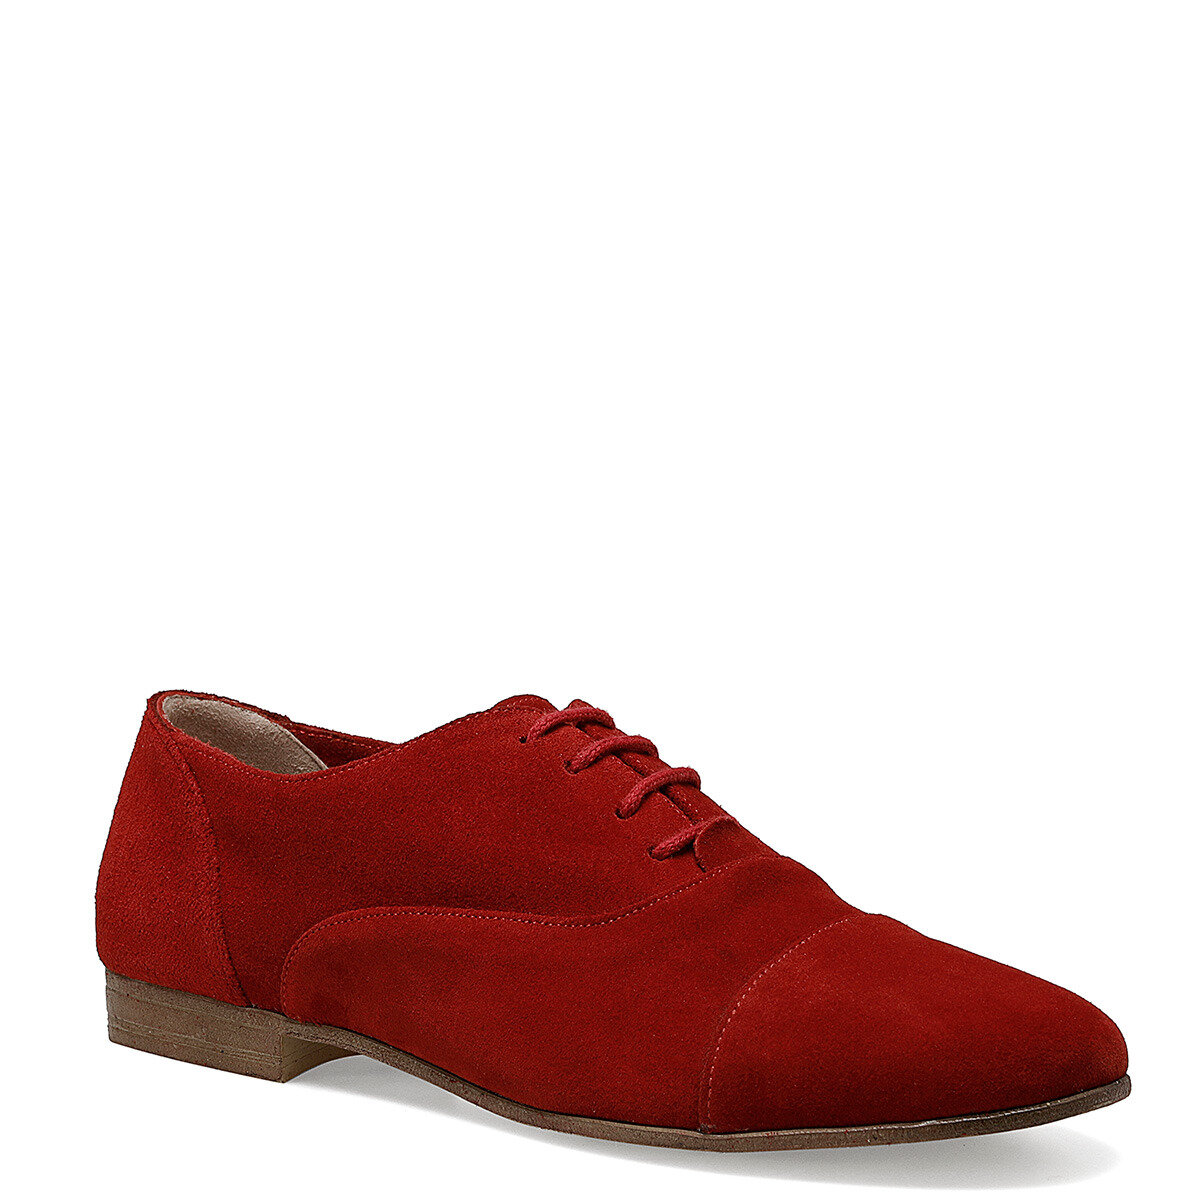 BELANO Kırmızı Kadın Maskulen Ayakkabı